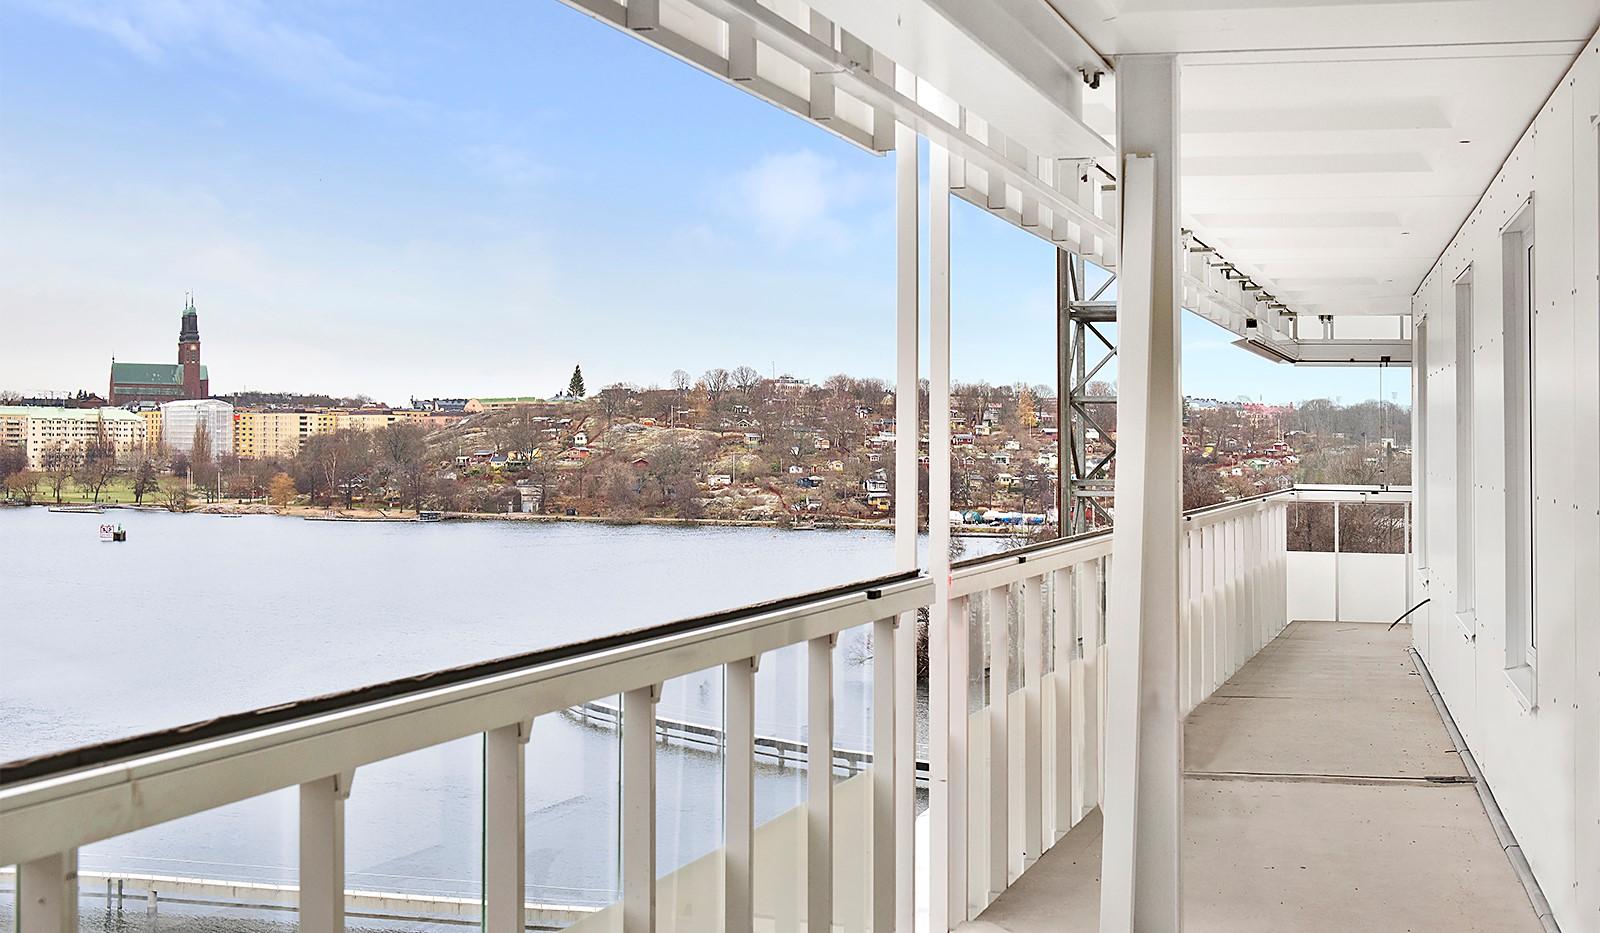 Inredning inglasning balkong : Bostadsrättslägenhet till salu   Sjöviksvägen 148, 7 tr ...